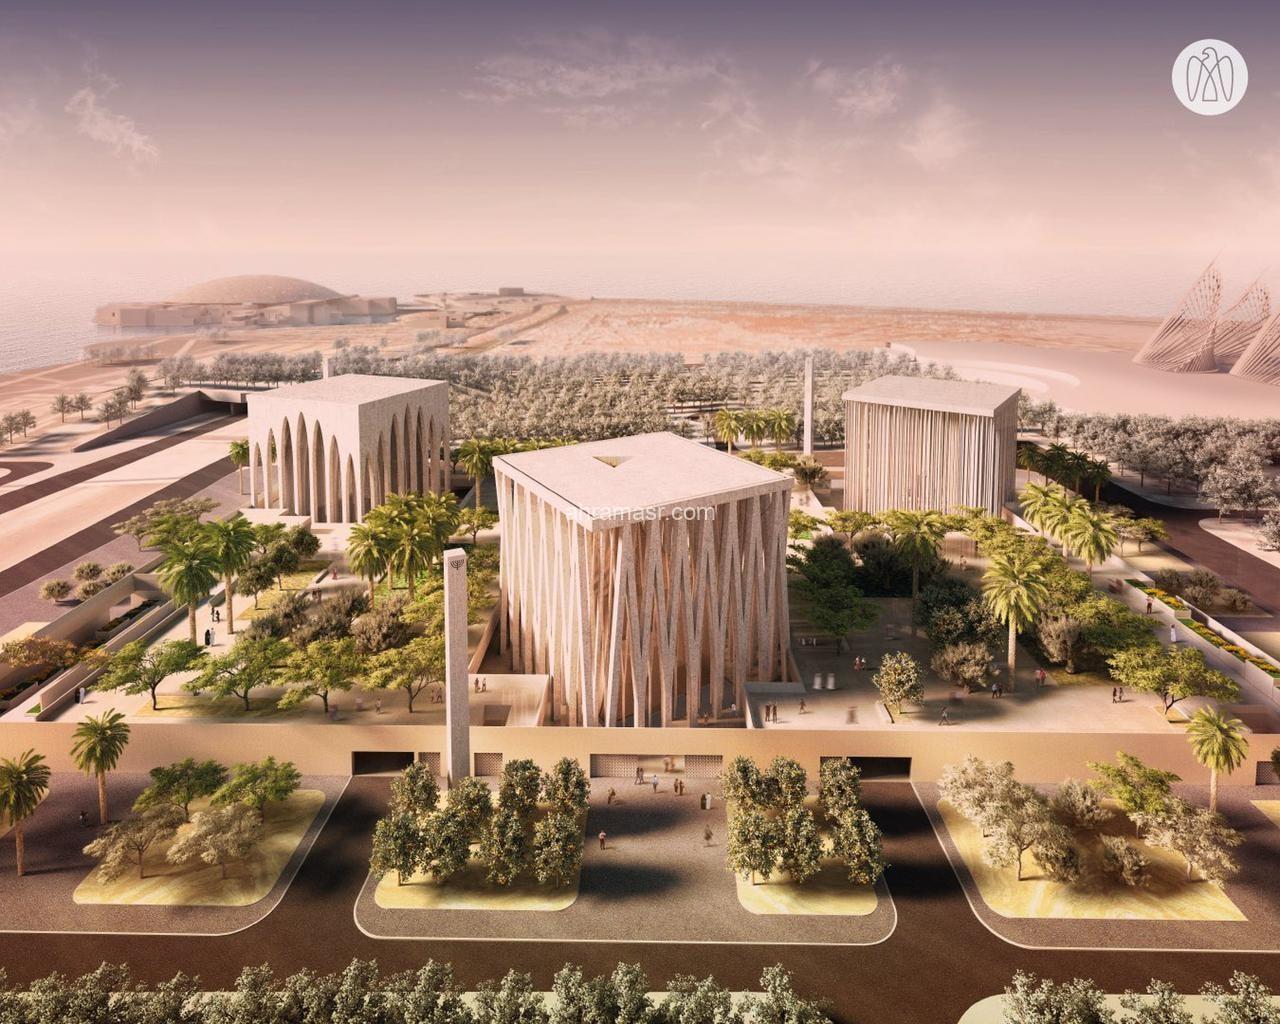 نسبة الأعمال الإنشائية بـ بيت العائلة الإبراهيمية 20%.. يفتتح في أبوظبي عام 2022